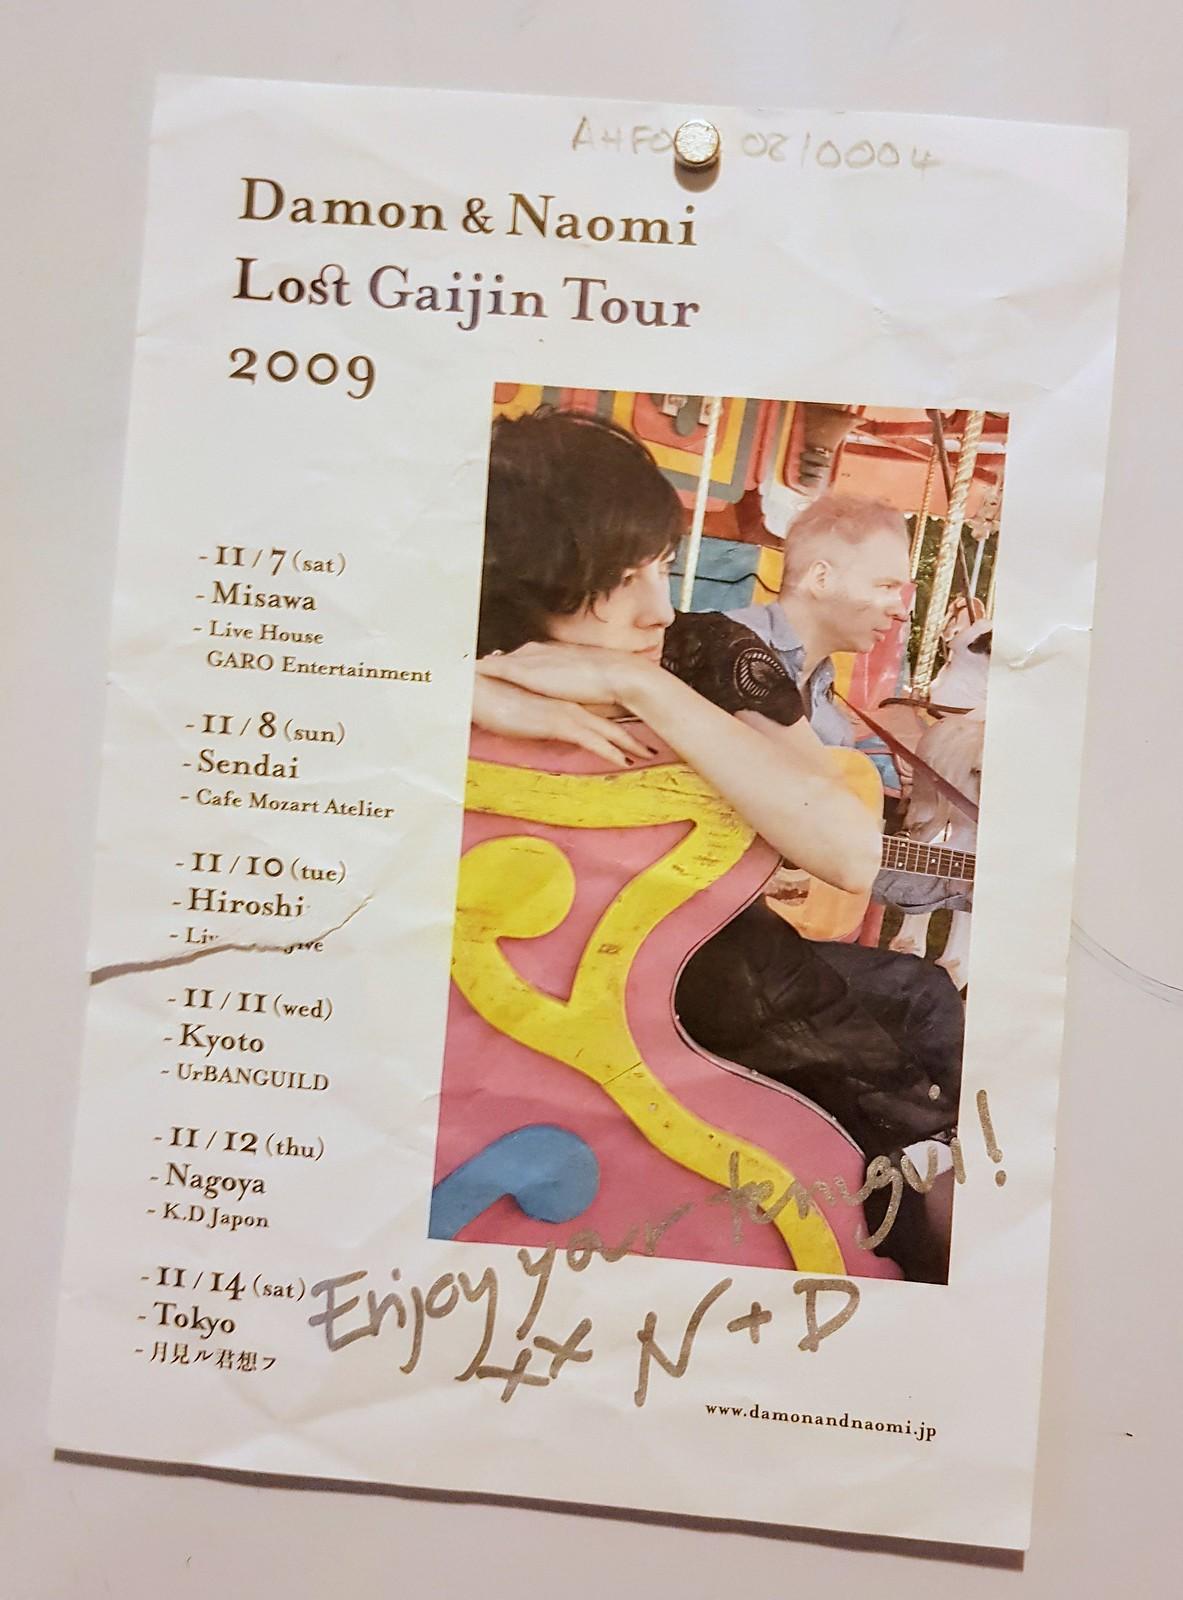 Damon & Naomi Lost Gaijin Tour flyer (2009)